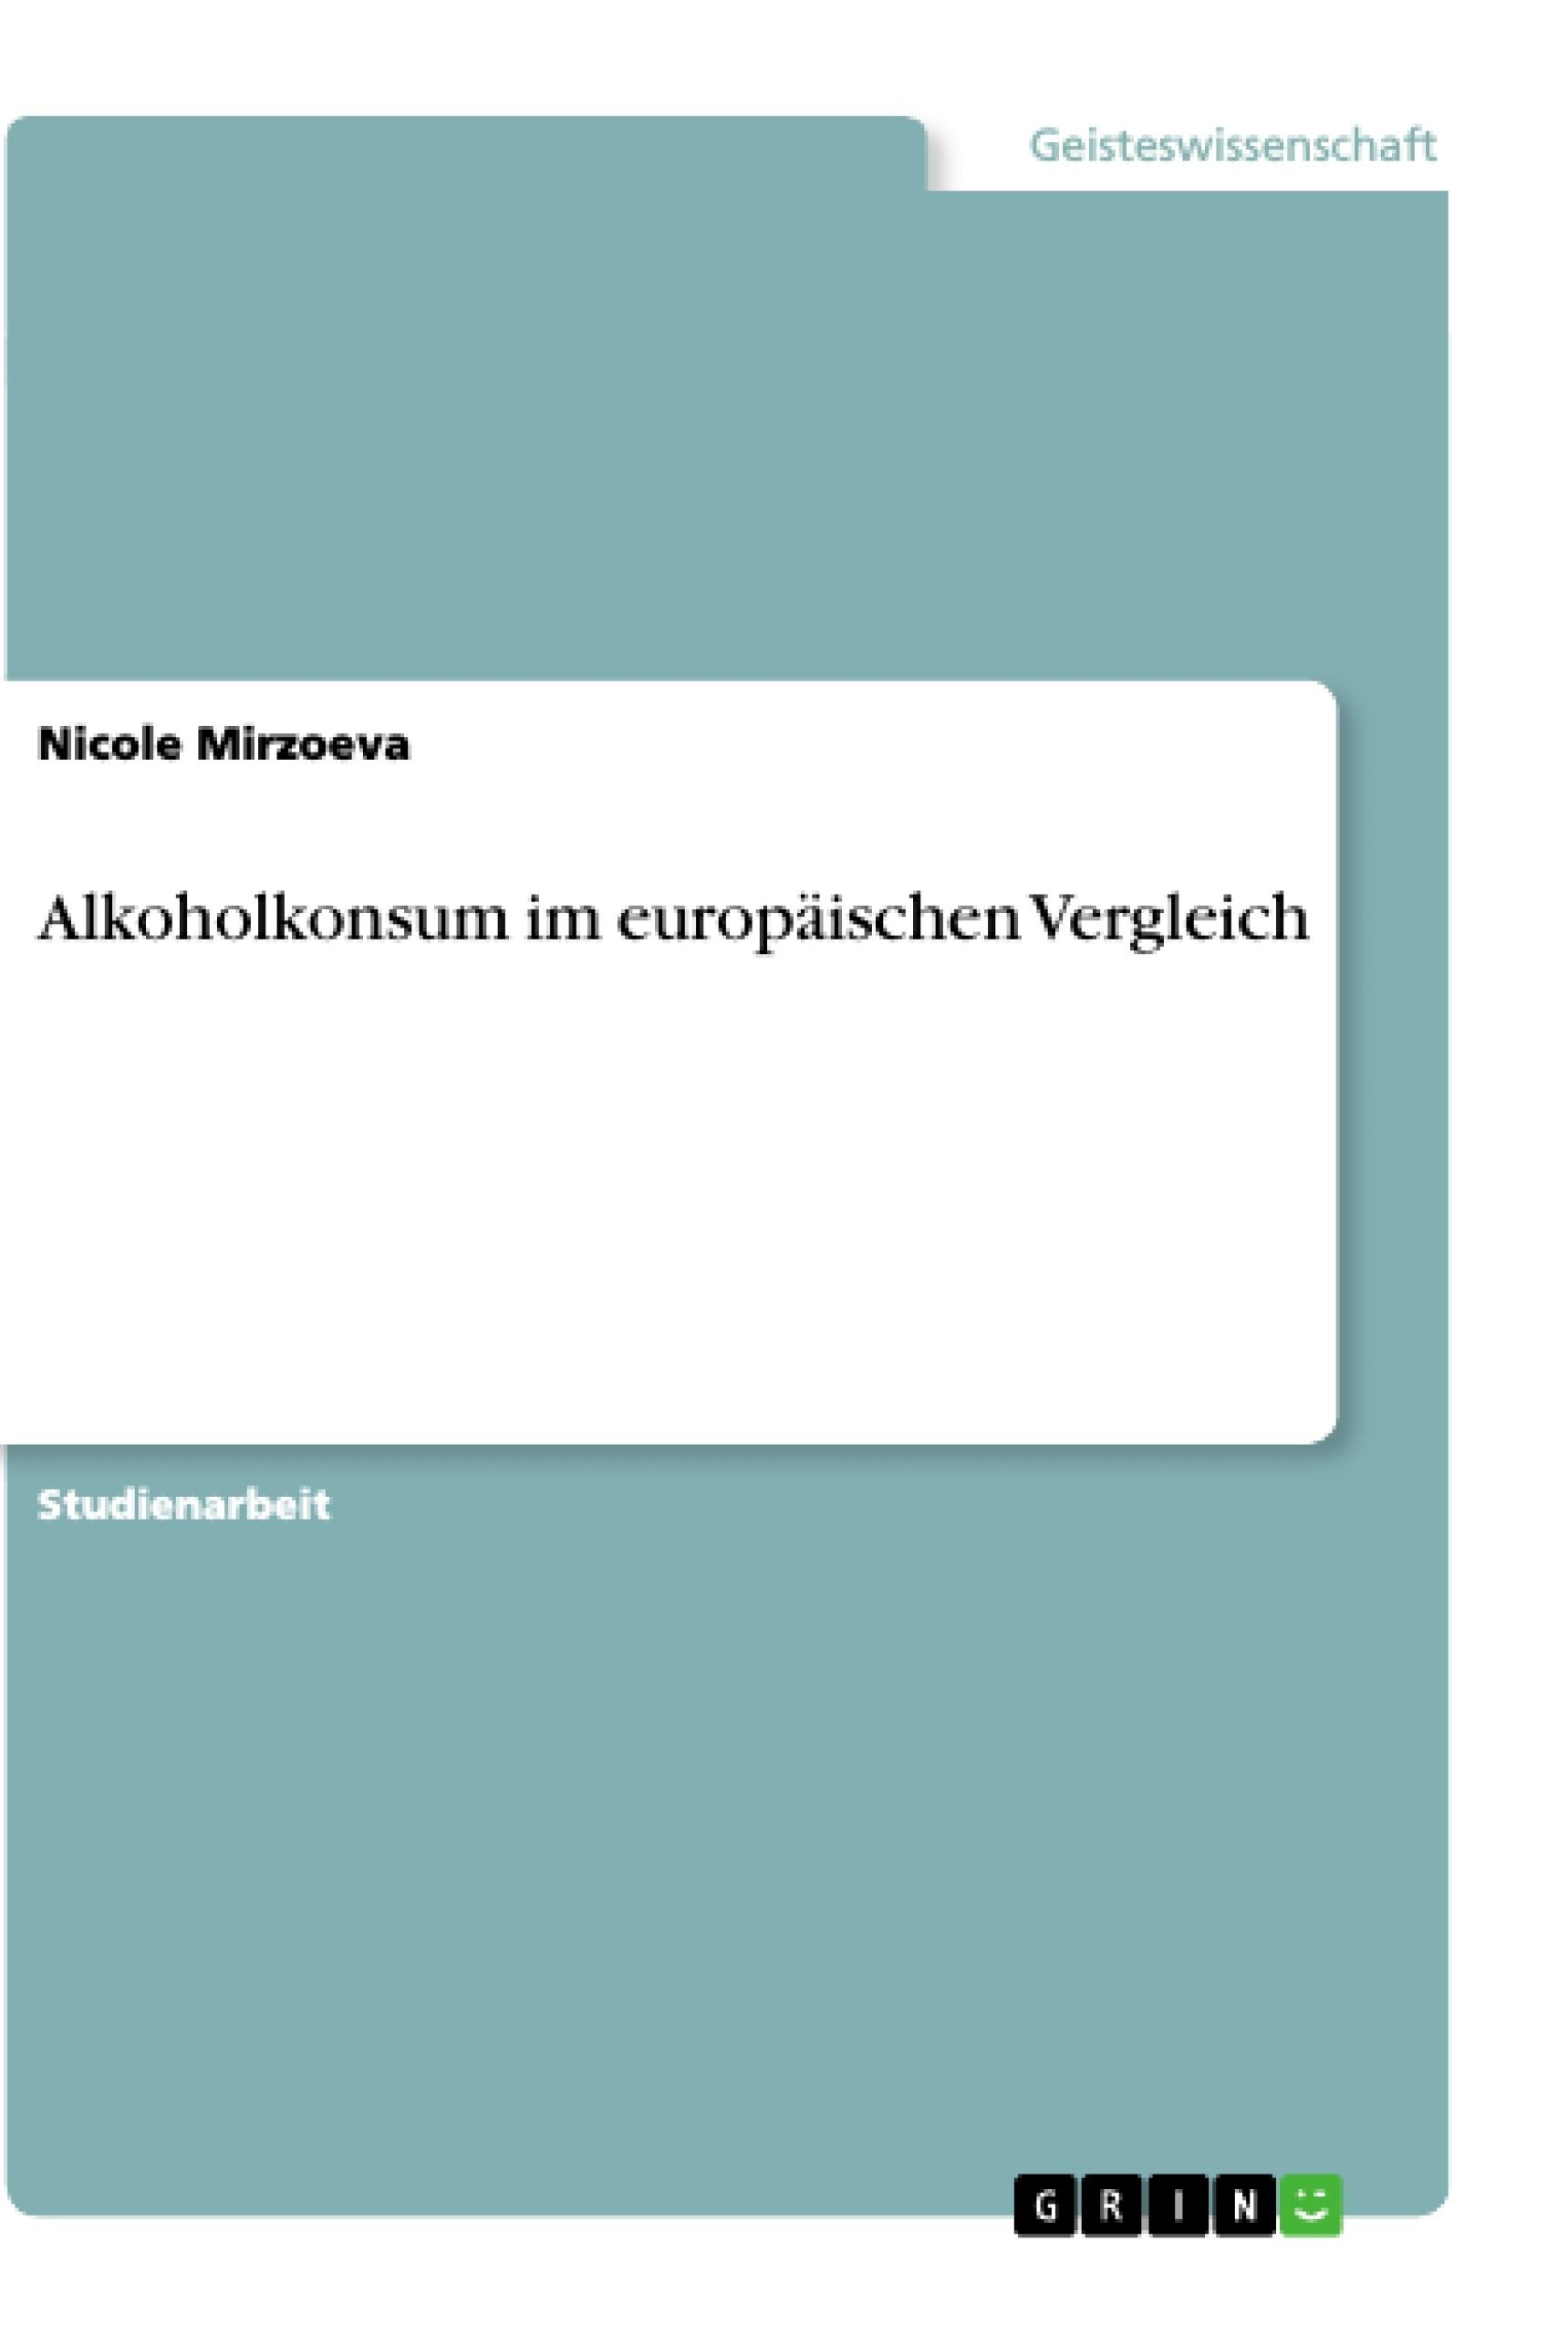 Titel: Alkoholkonsum im europäischen Vergleich